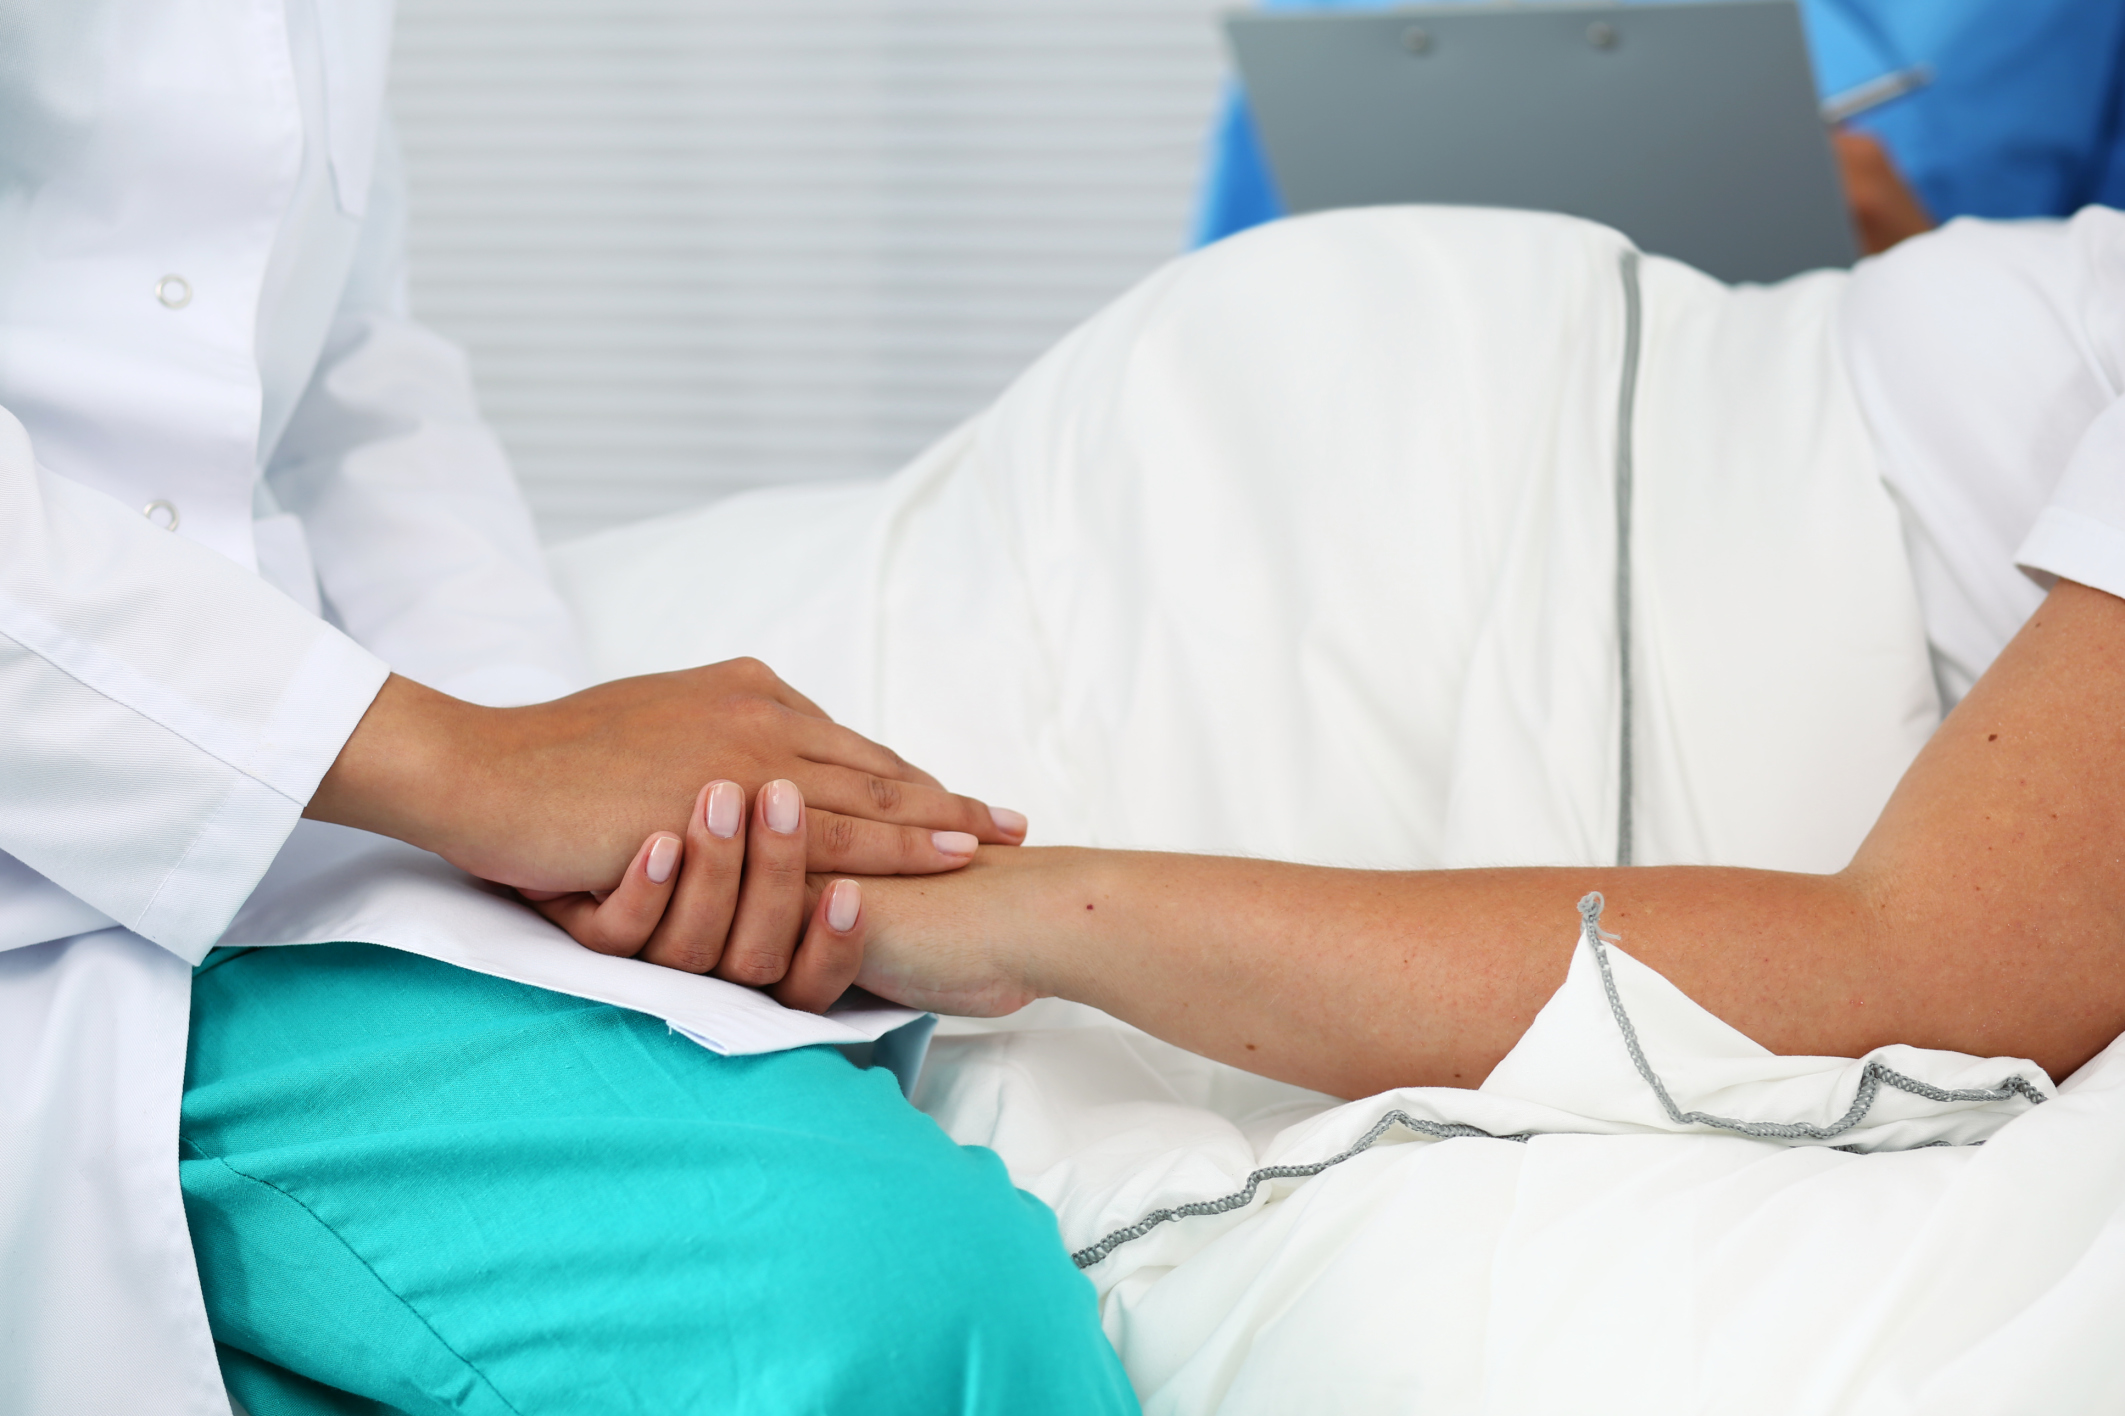 Sta per partorire ma rifiuta taglio cordone ombelicale: medici contattano Procura